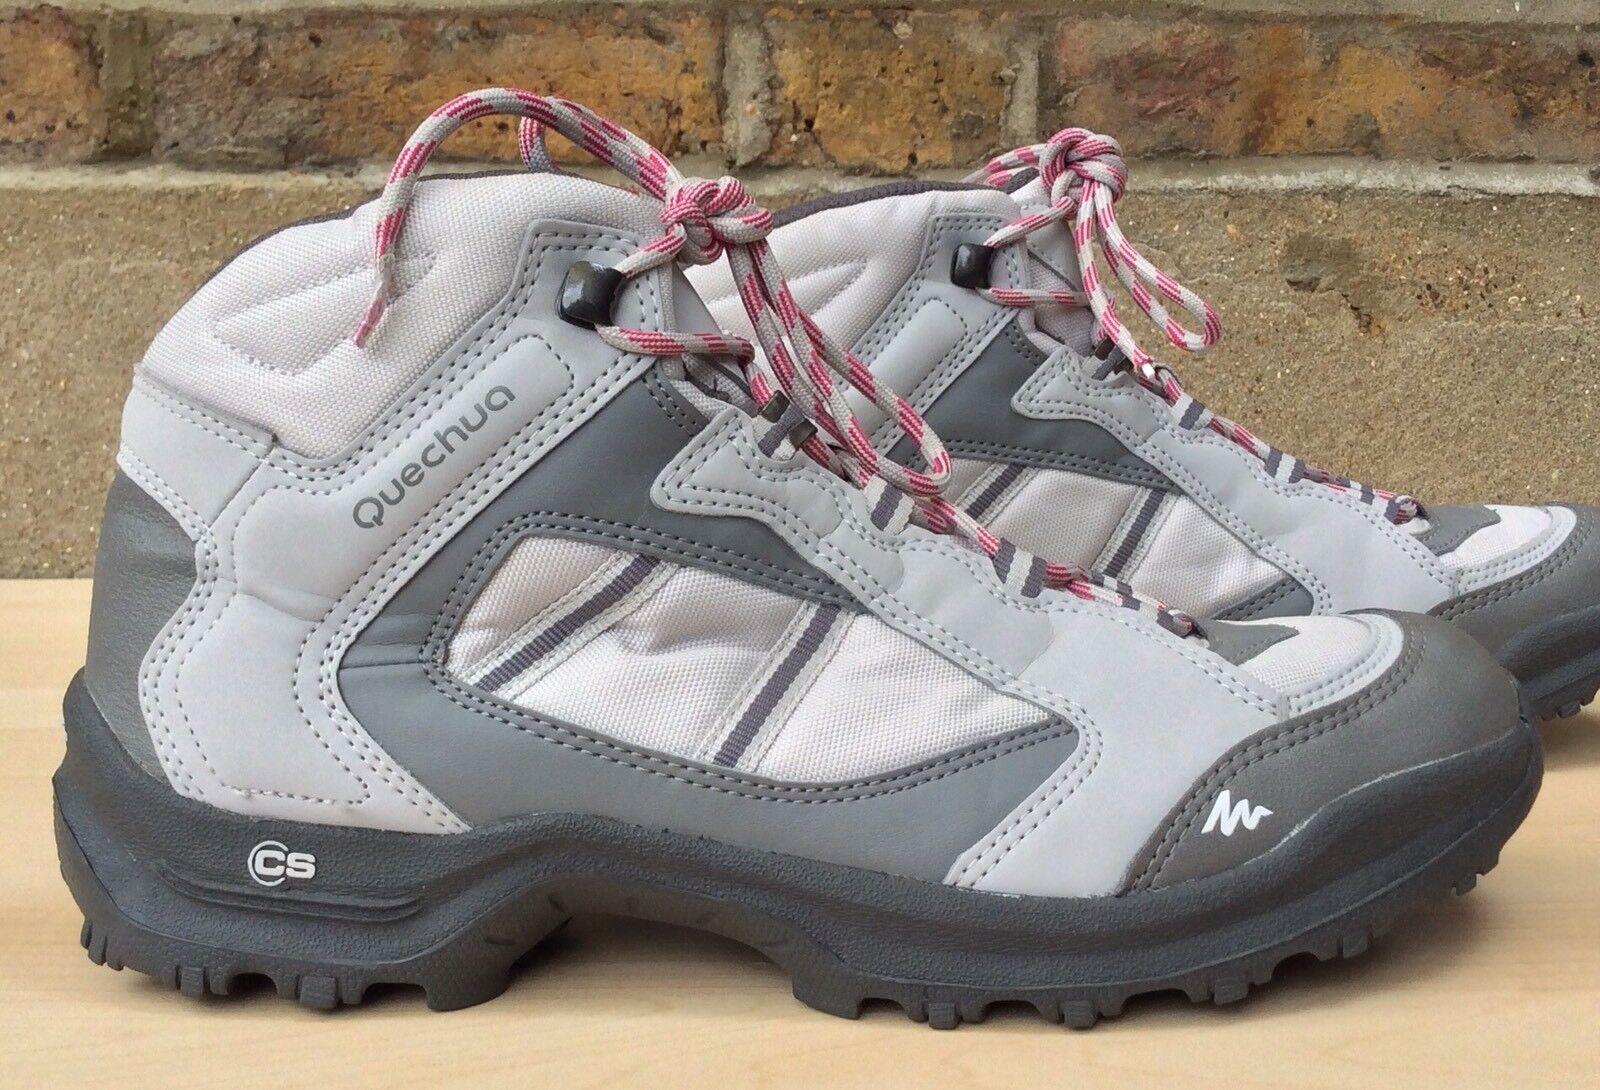 Quechua Forclaz 50L Lunar Grey Mens Hicking Walking Boots UK 7 EU 41